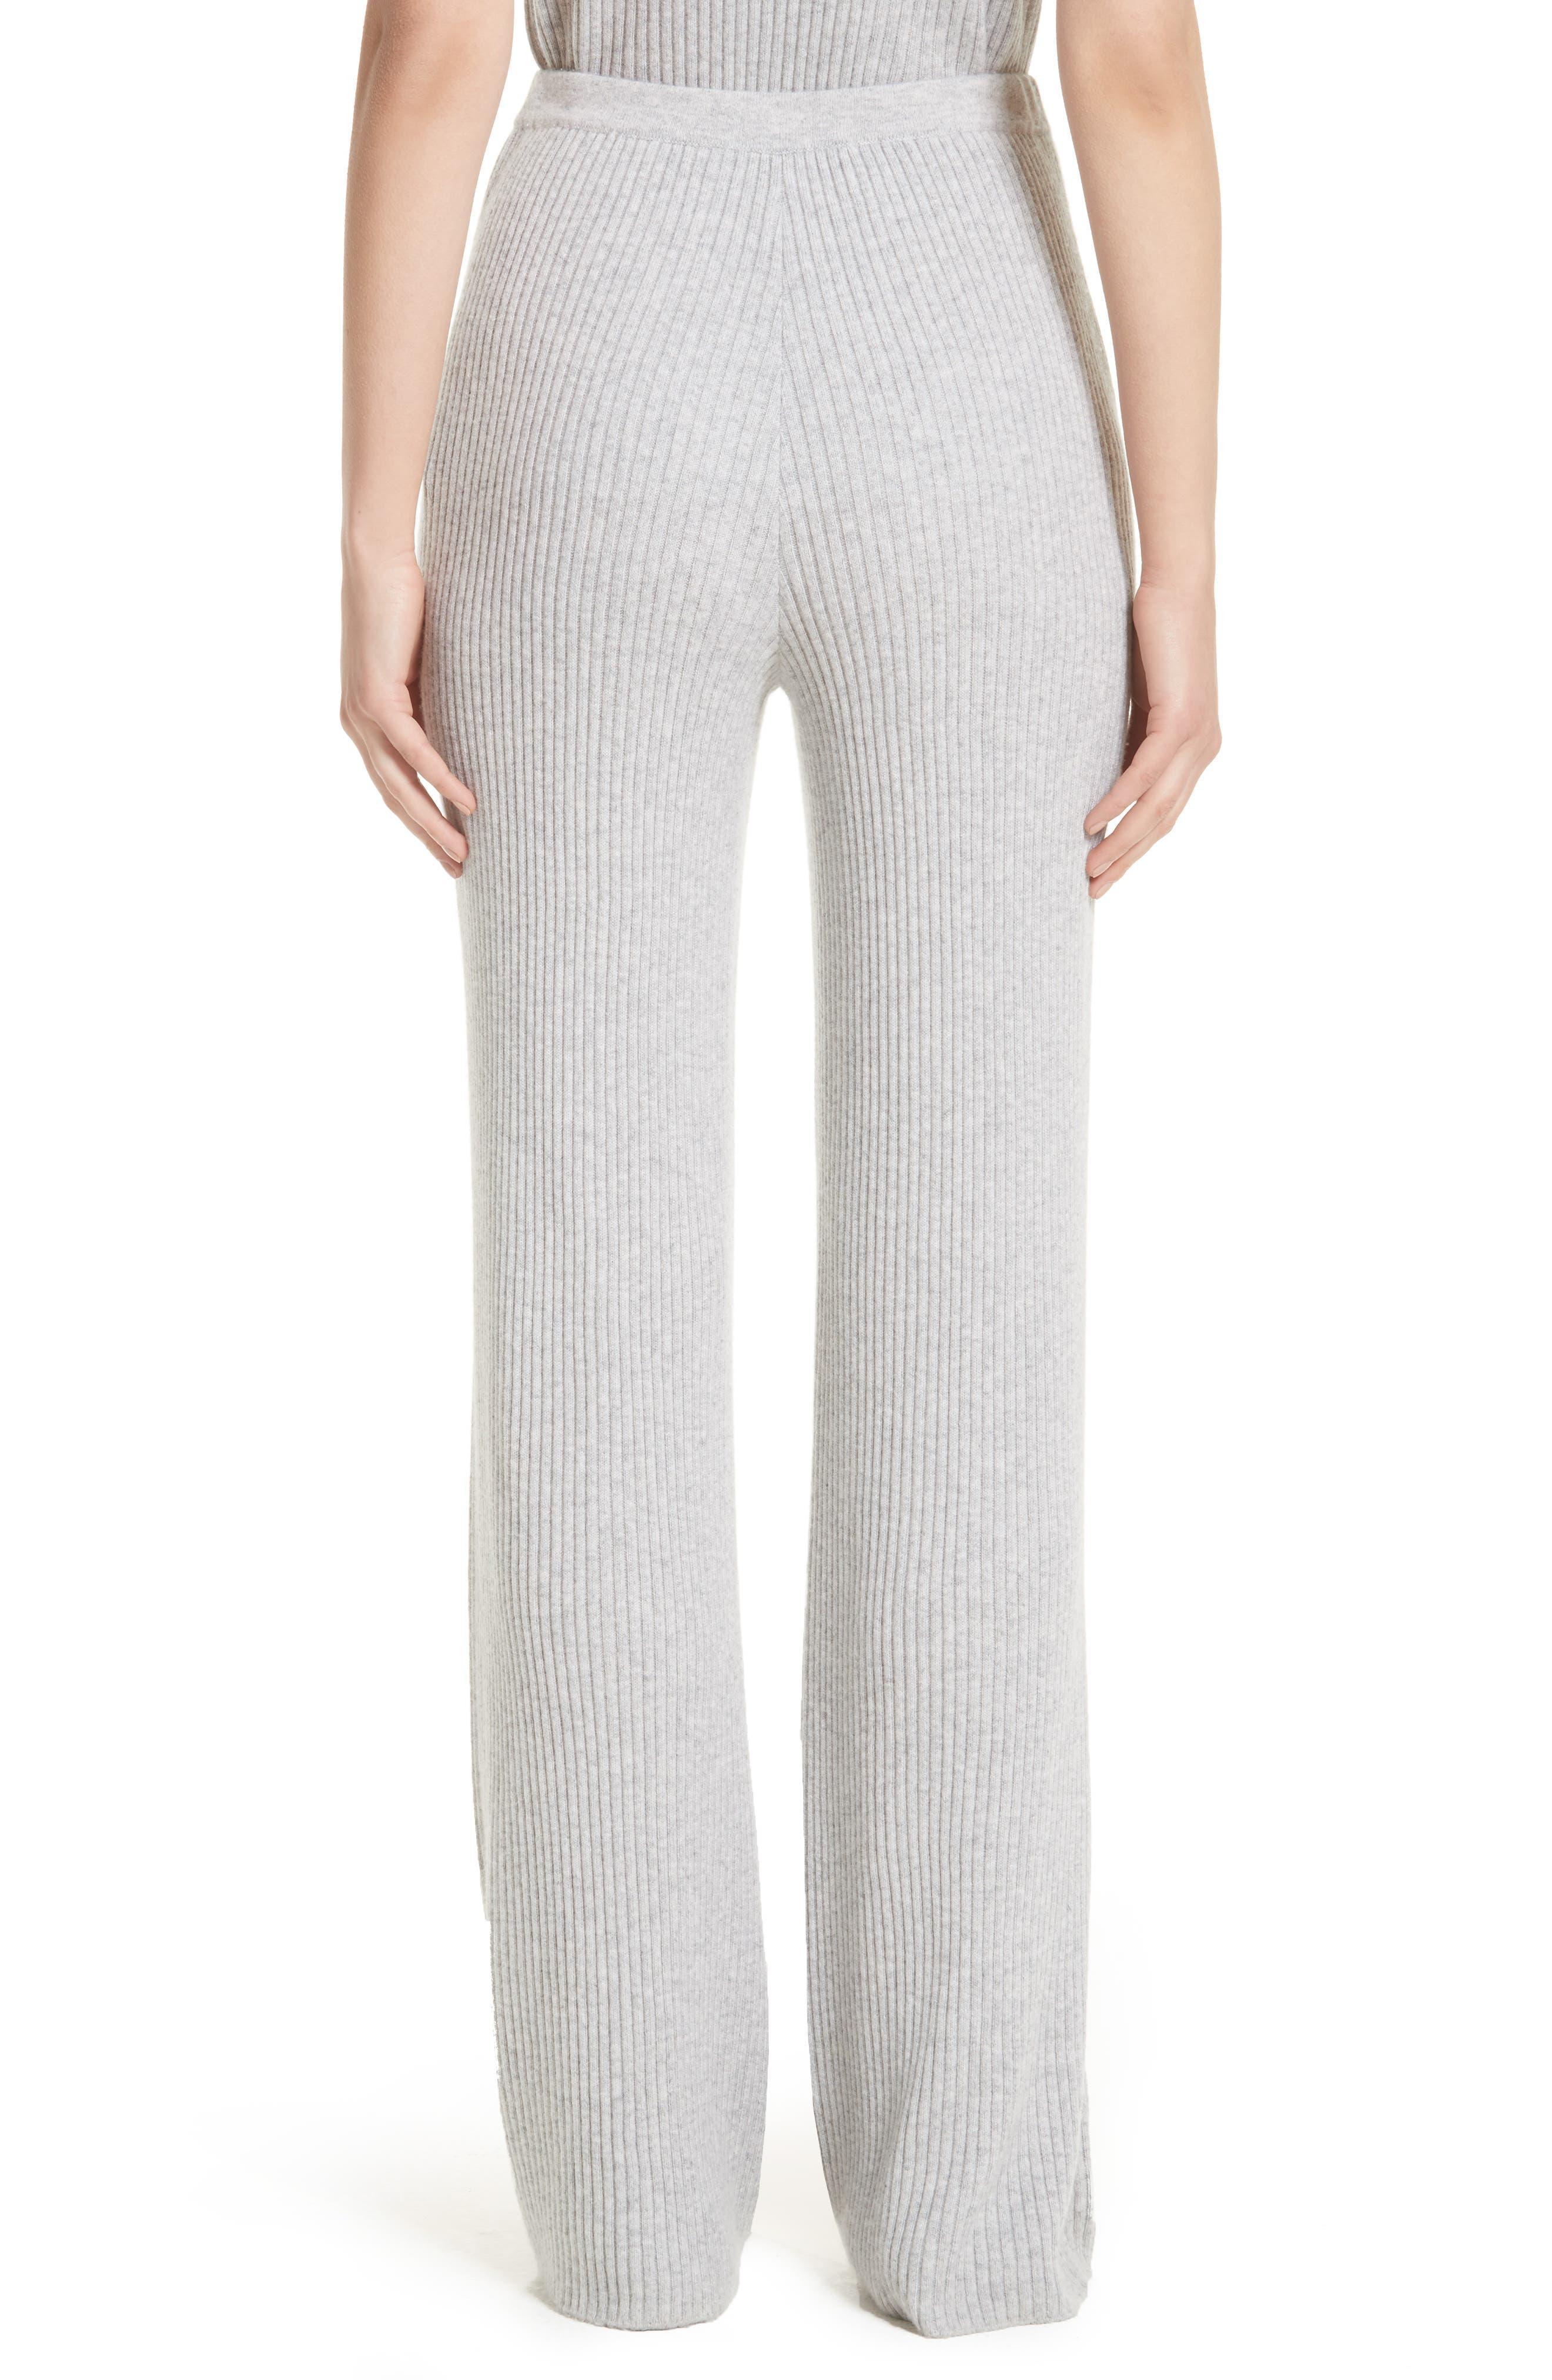 Cashmere Knit Pants,                             Alternate thumbnail 2, color,                             060